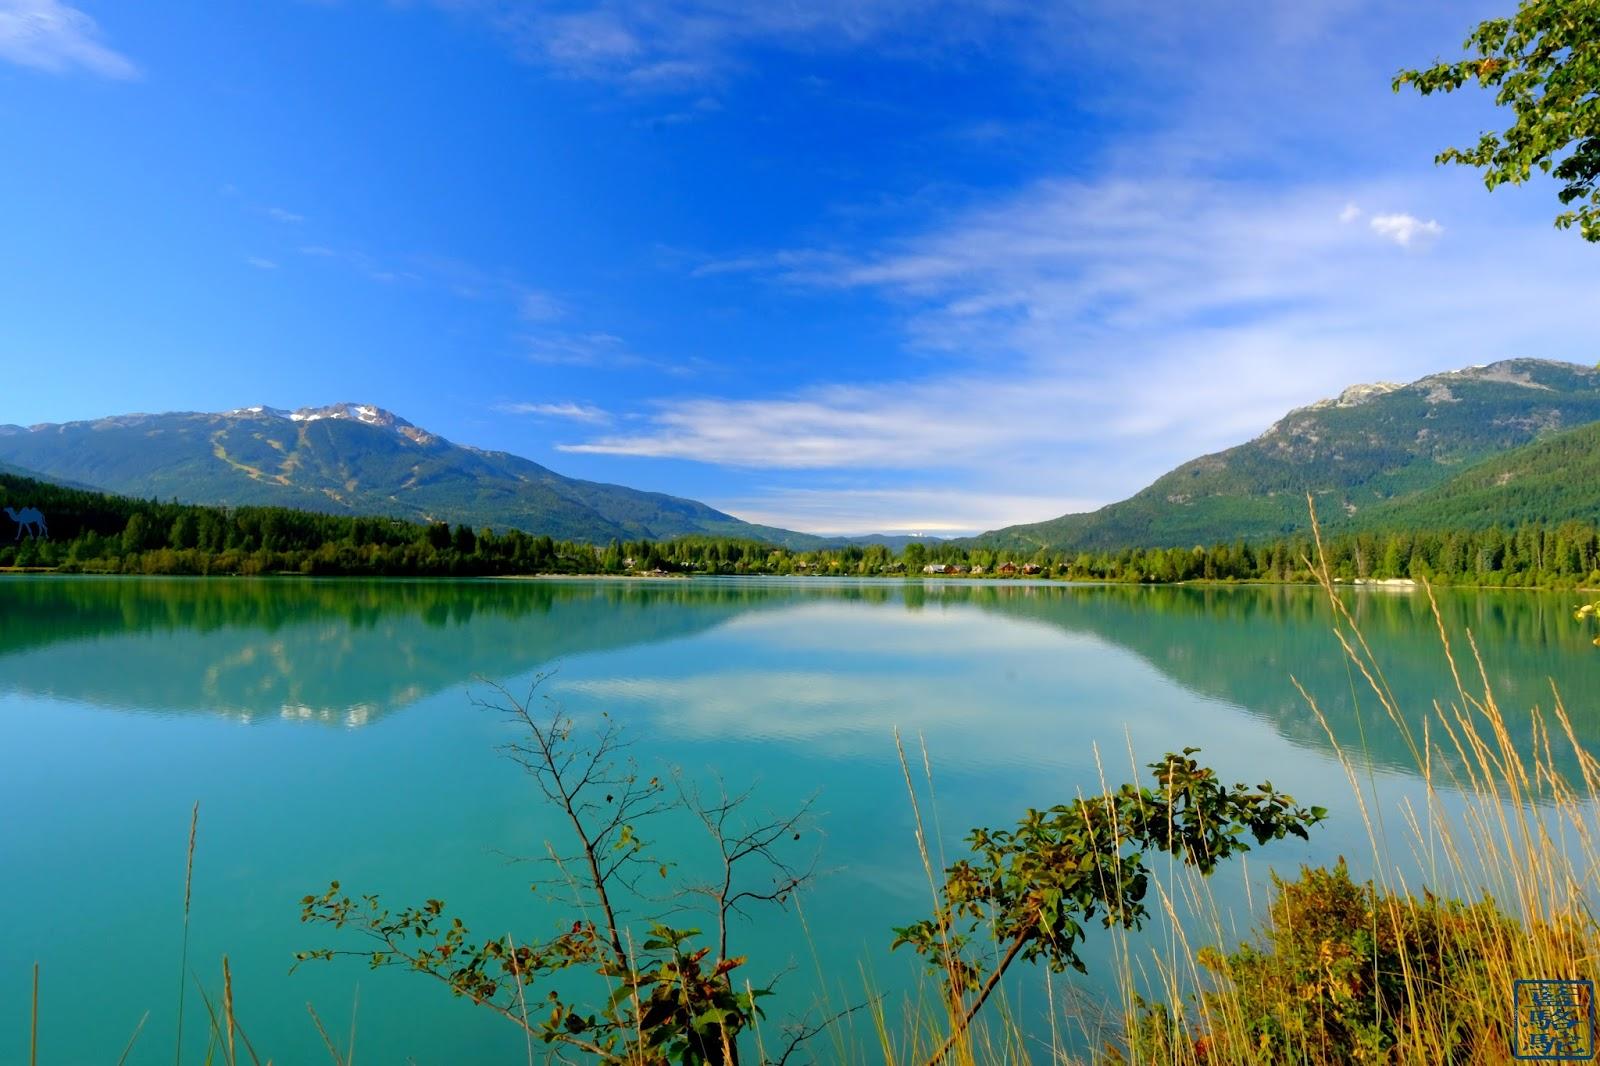 Le Chameau Bleu - Green Lake